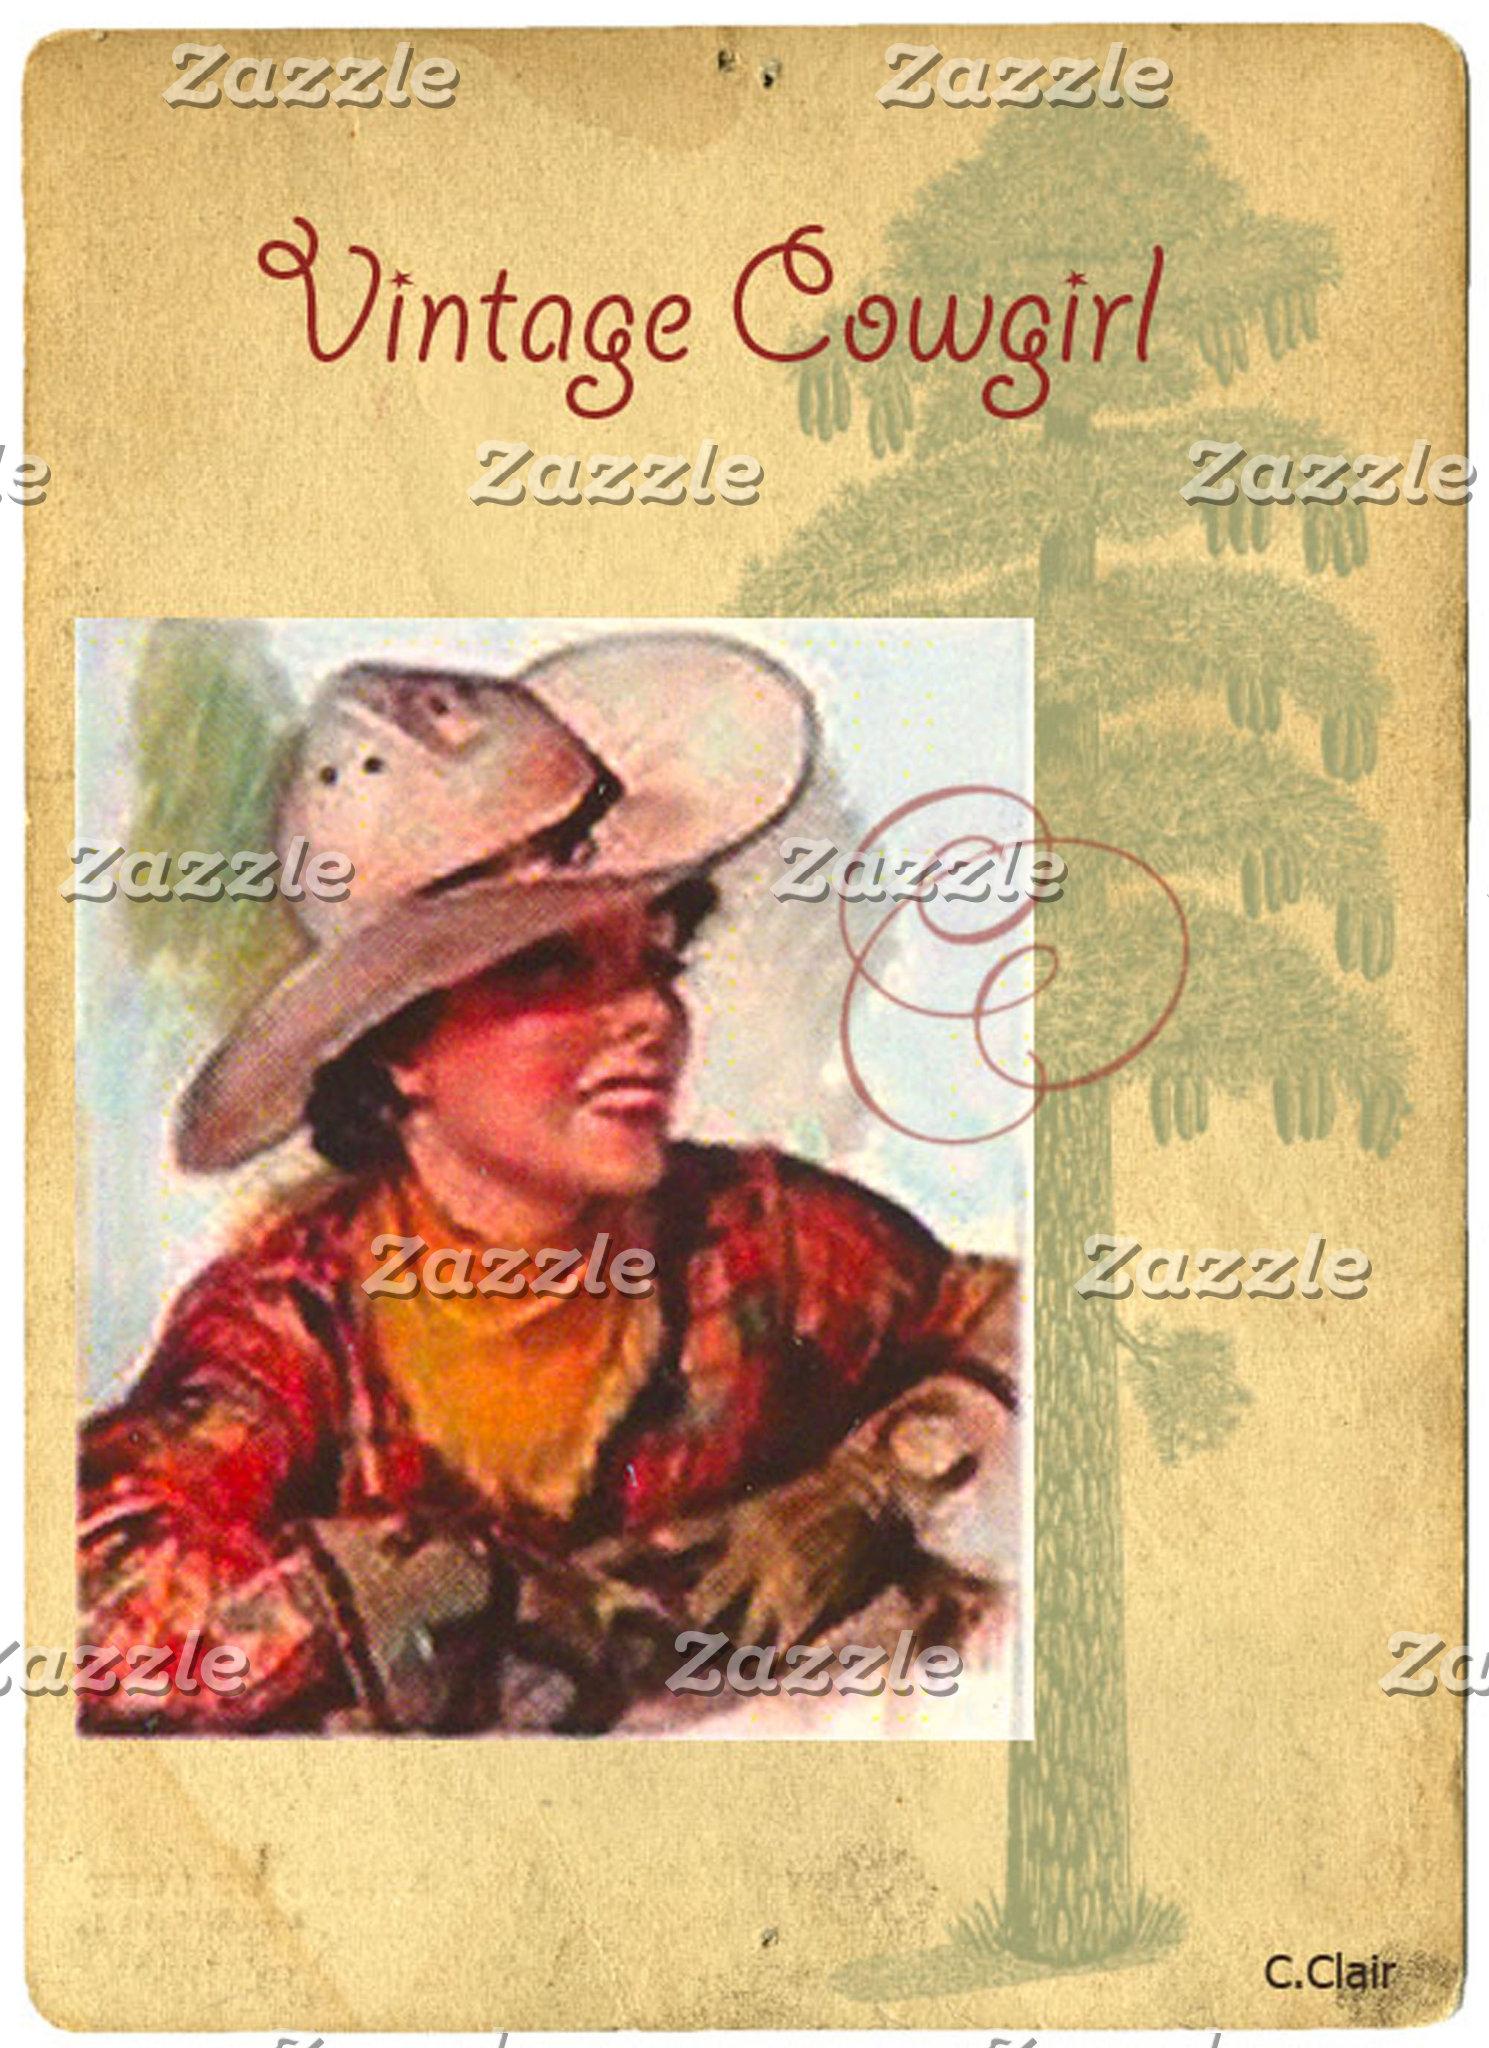 Western Vintage Cowgirls Part 1